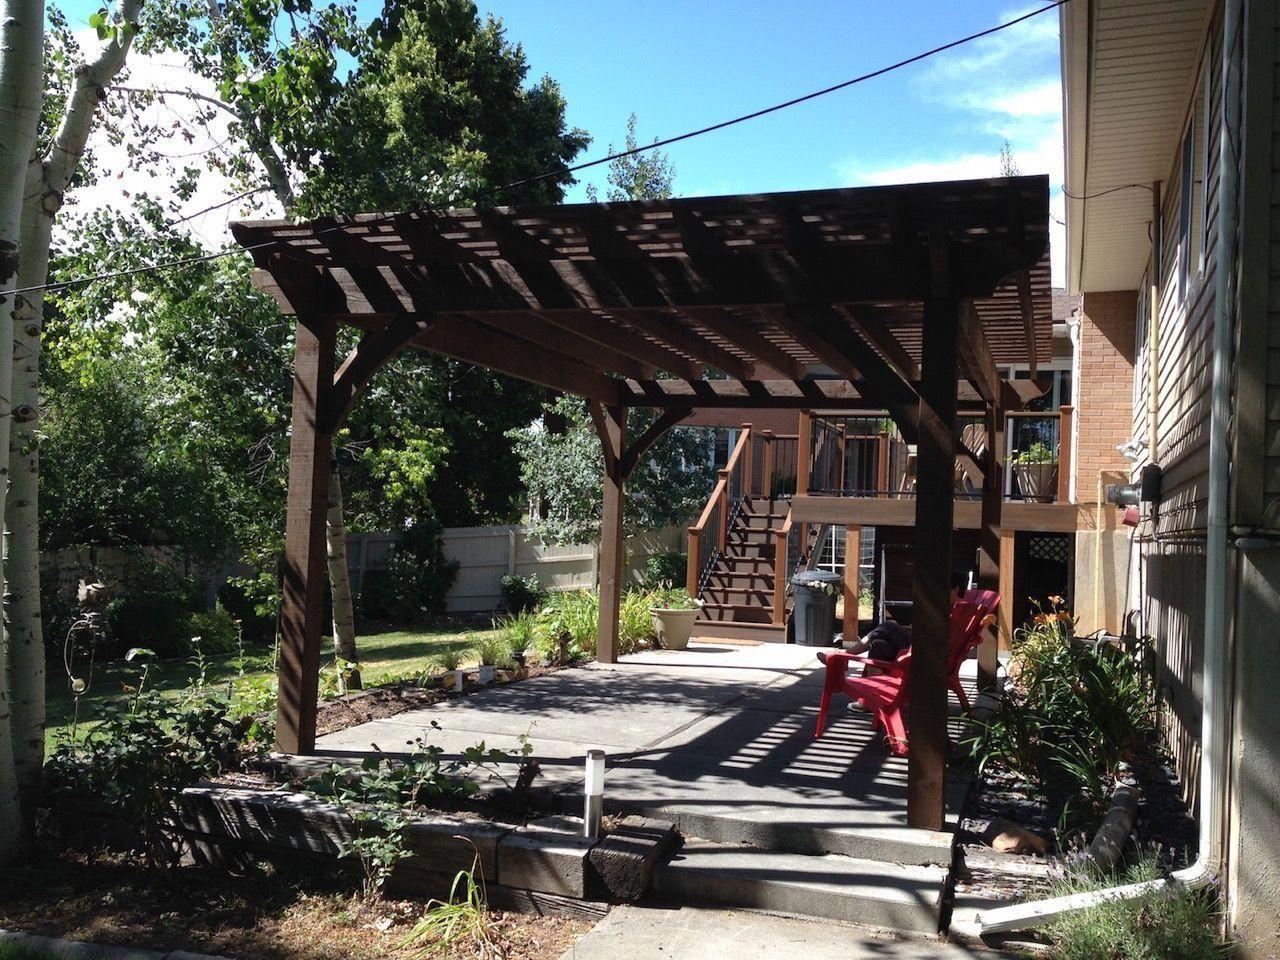 patio shade pergola kit #pergolaplans #pergolakits - Patio Shade Pergola Kit #pergolaplans #pergolakits Pergola Plans